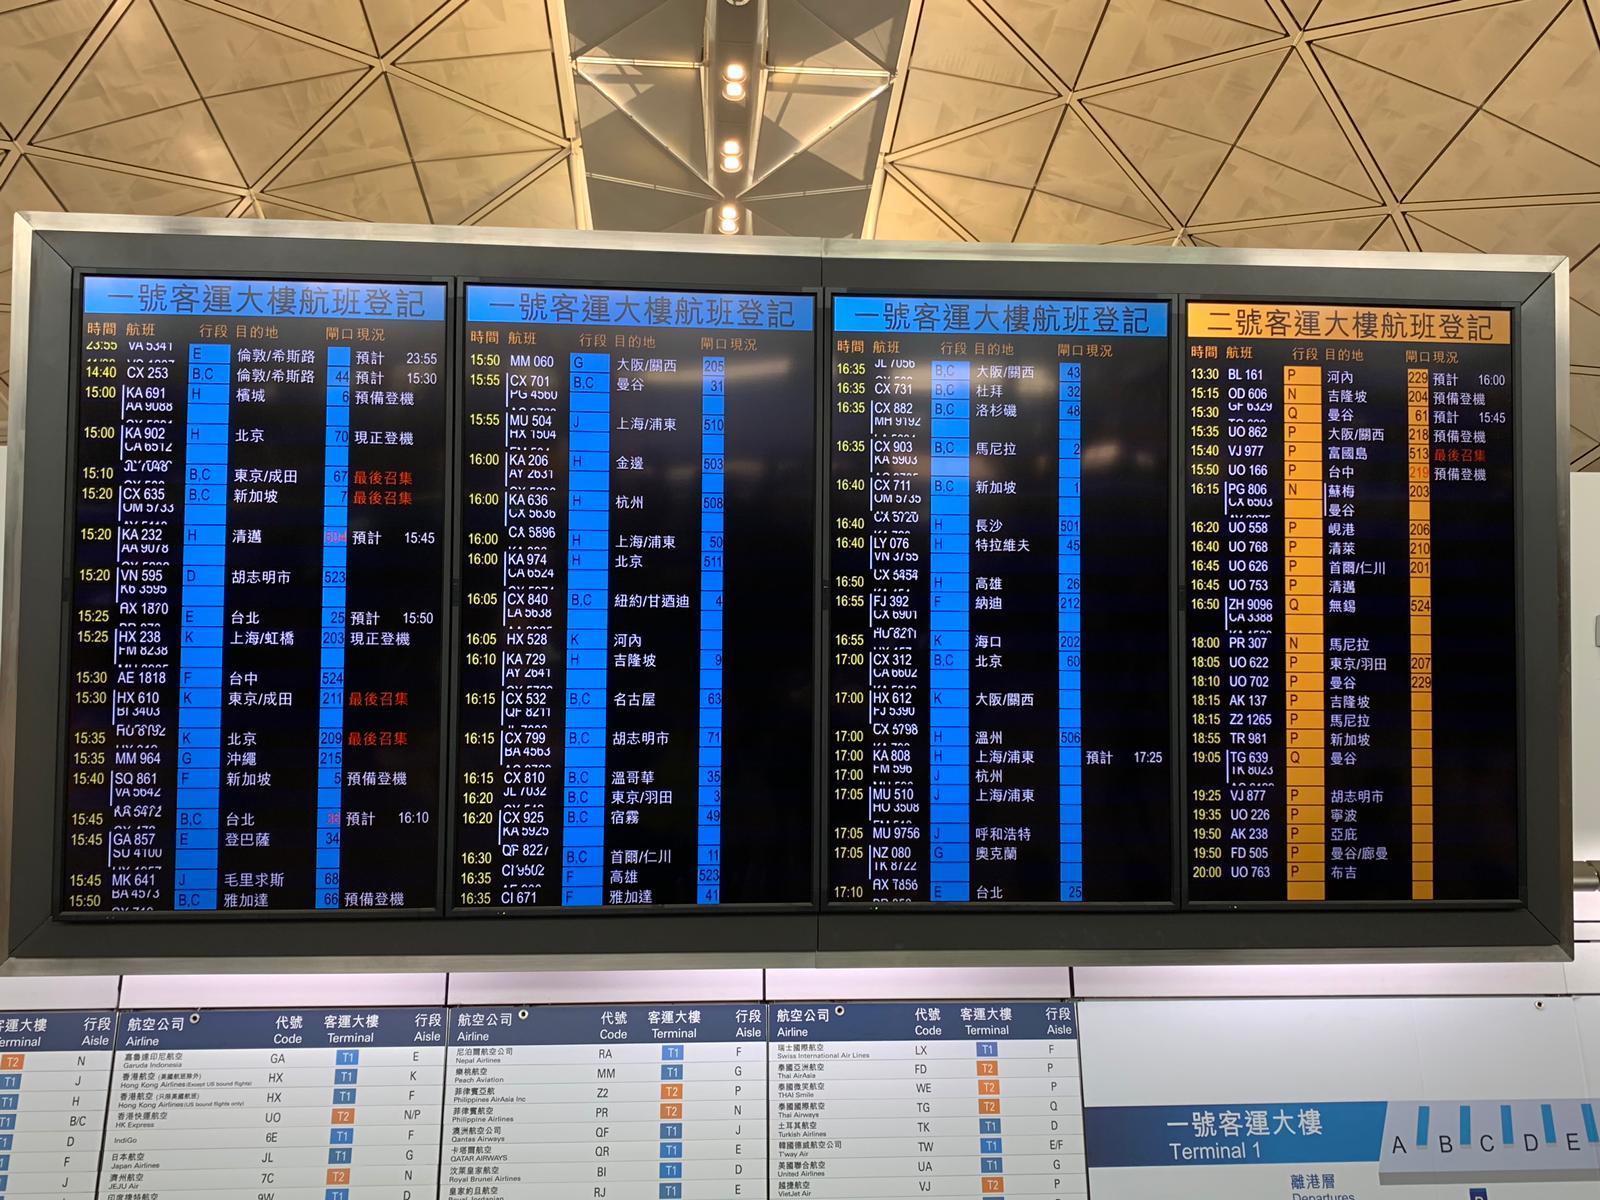 機管局稱晚上6時起重新編配航班。